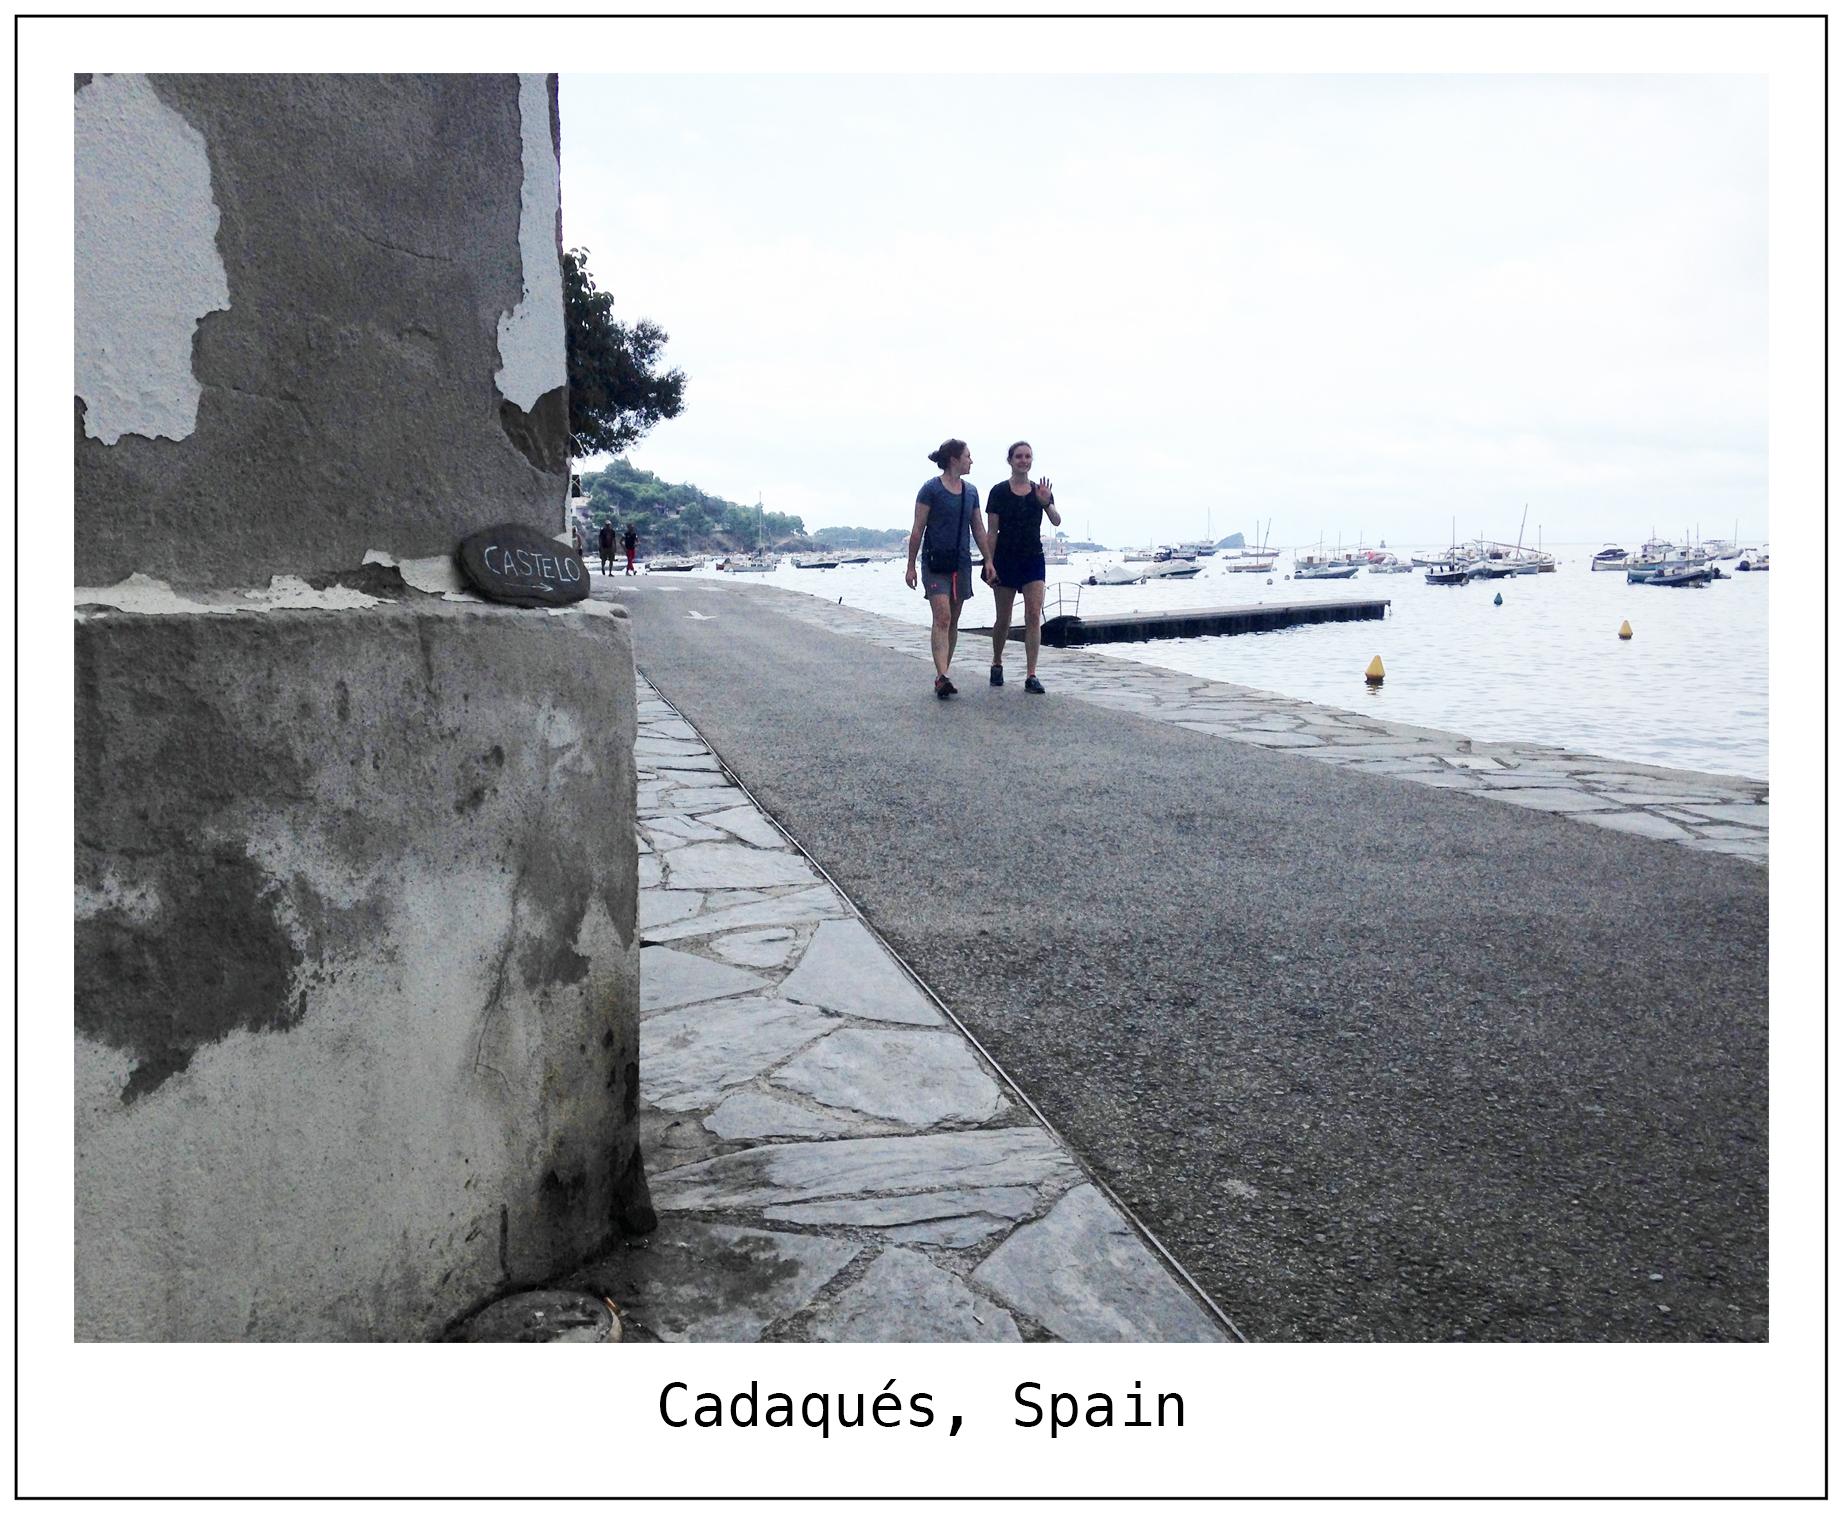 F Cadaques Spain 2.jpg